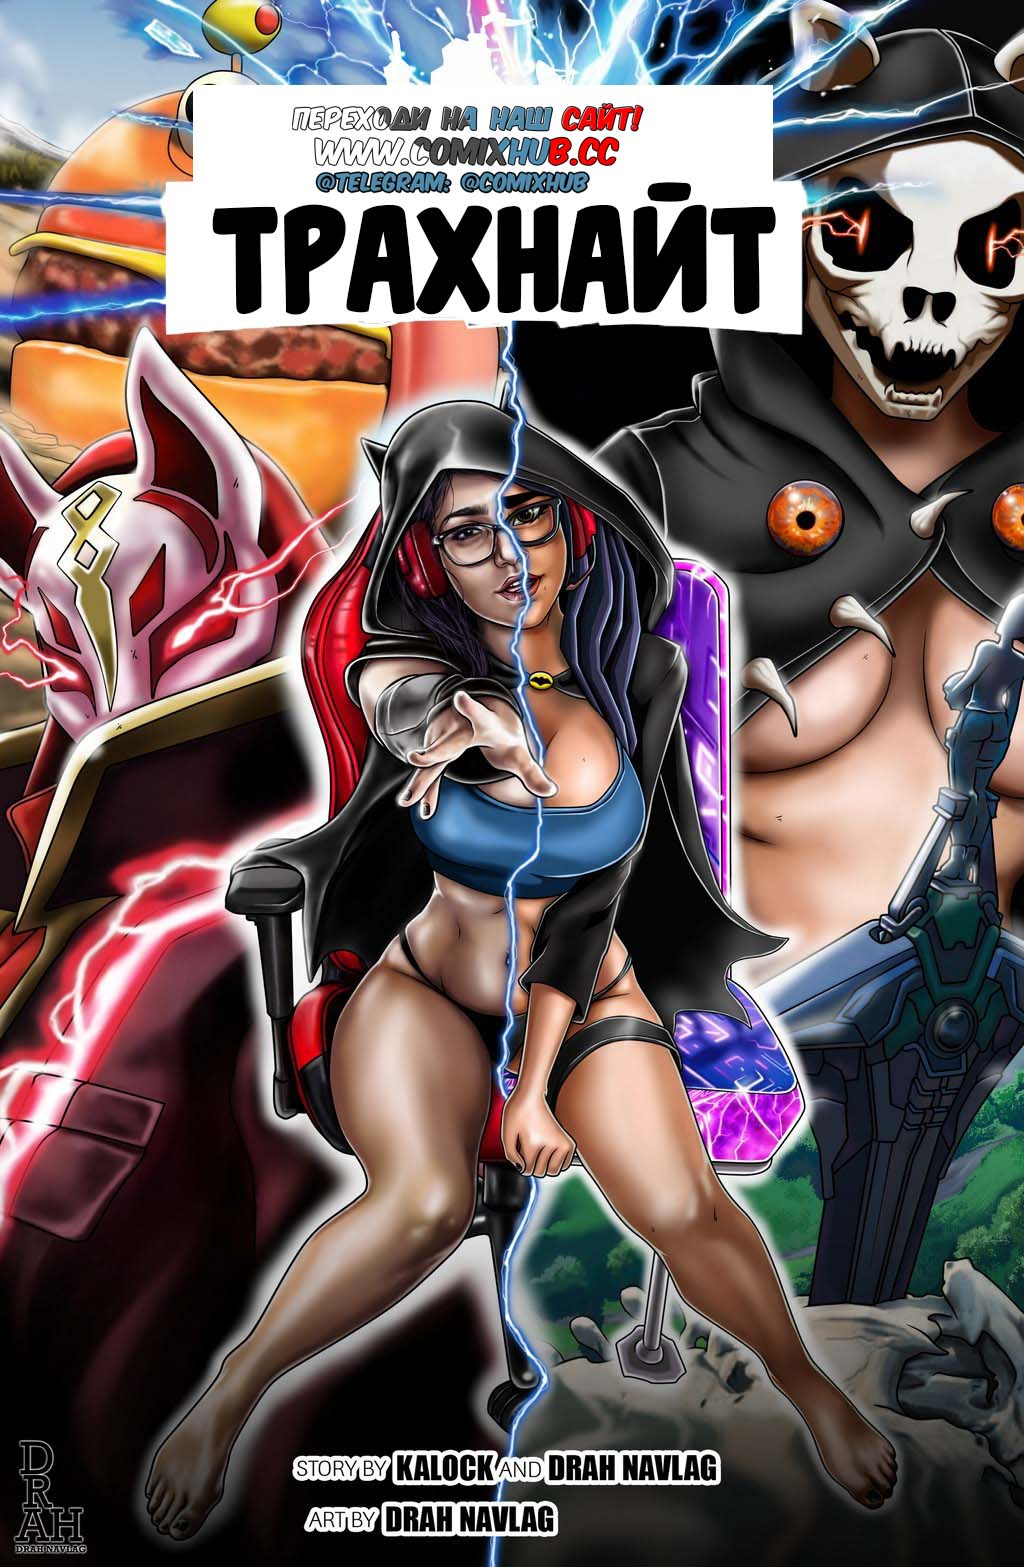 Лучшие порно комиксы за все время. Без цензуры, Хентай манга, манхва